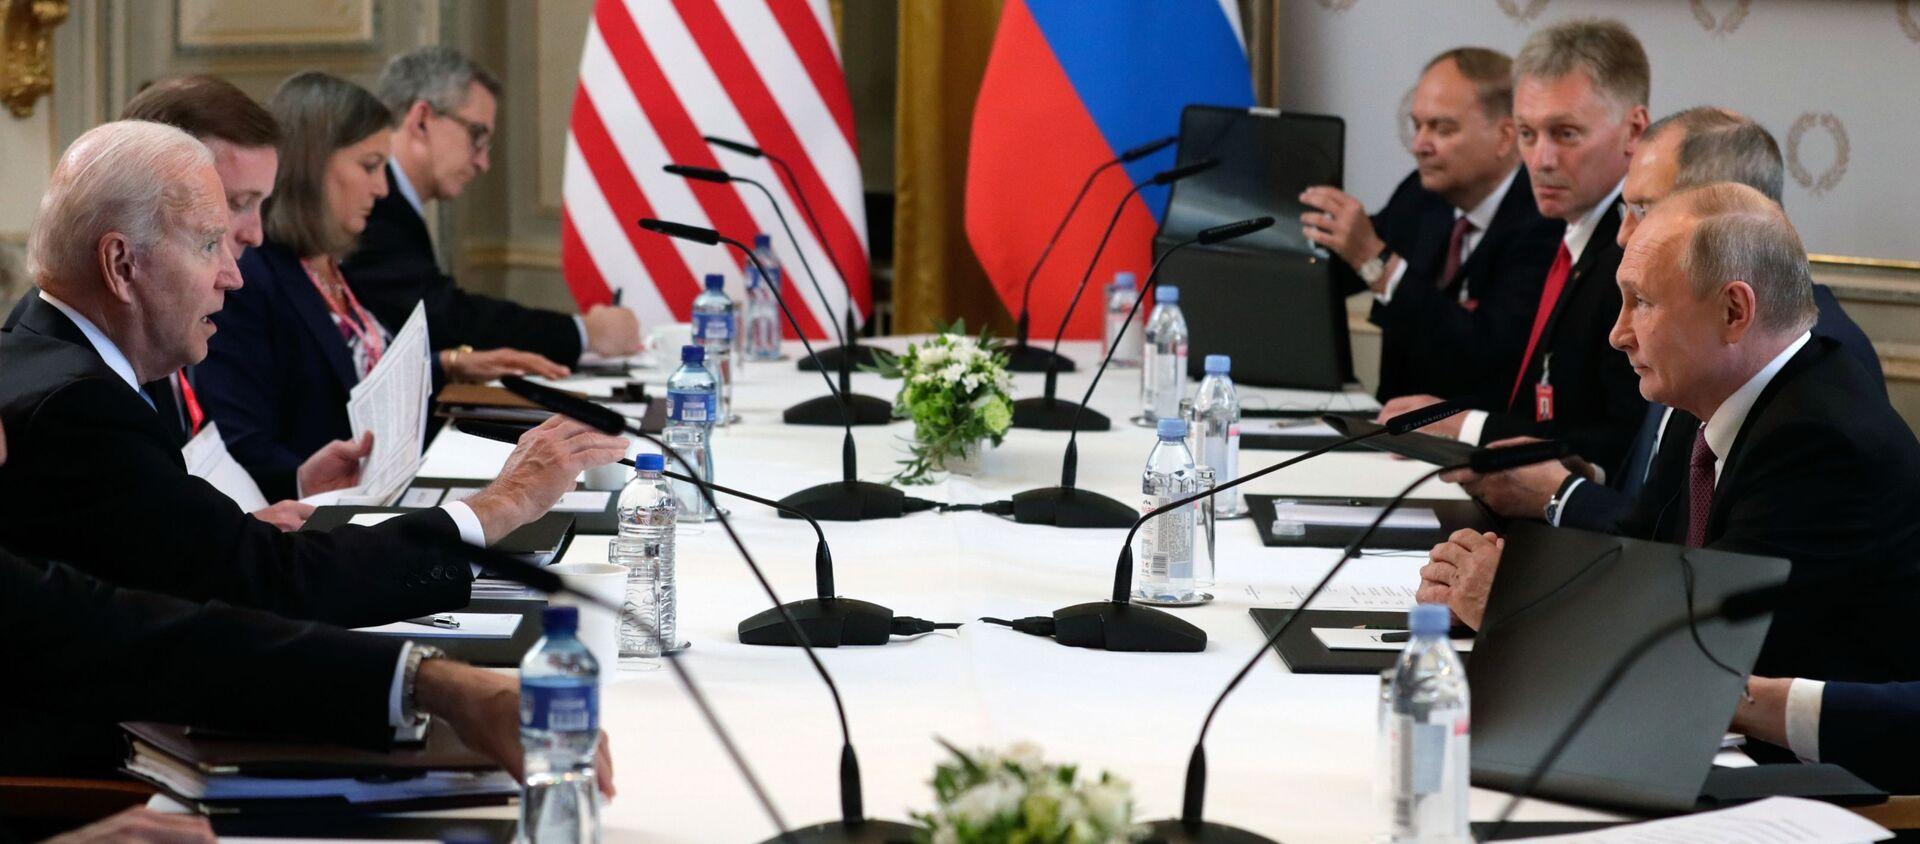 Cuộc gặp của Tổng thống Nga và Hoa Kỳ V.Putin và J.B Biden tại Geneva - Sputnik Việt Nam, 1920, 17.06.2021